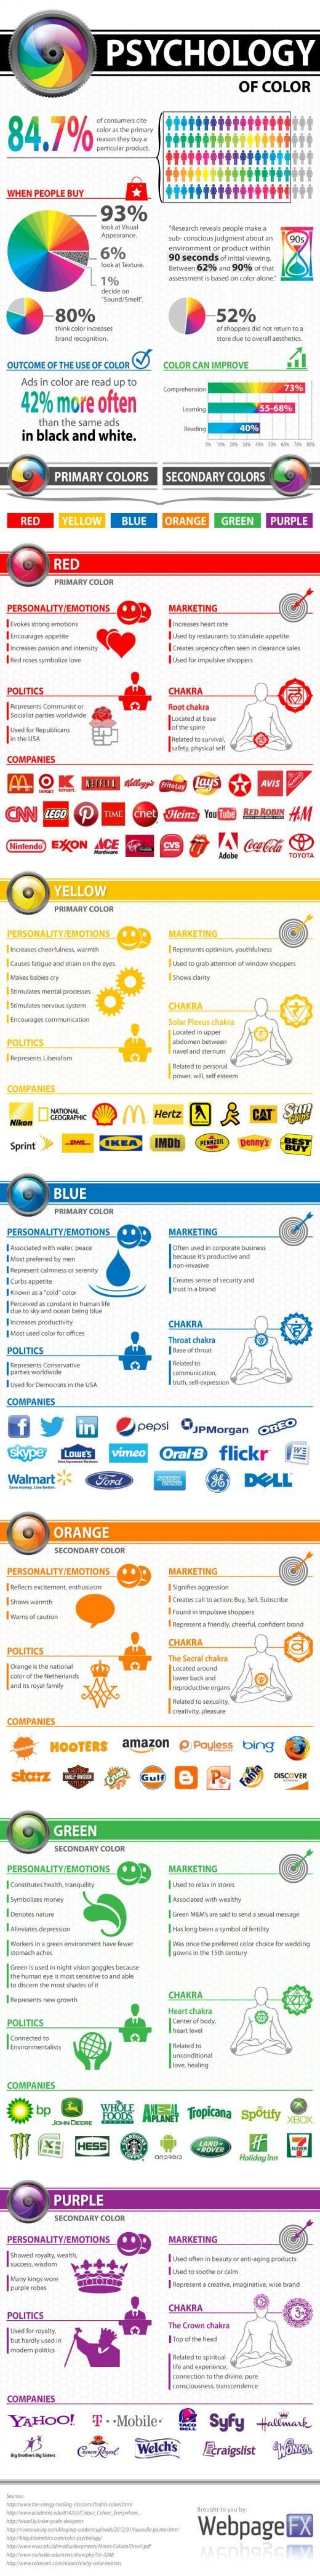 Psychology of Color/LOGO